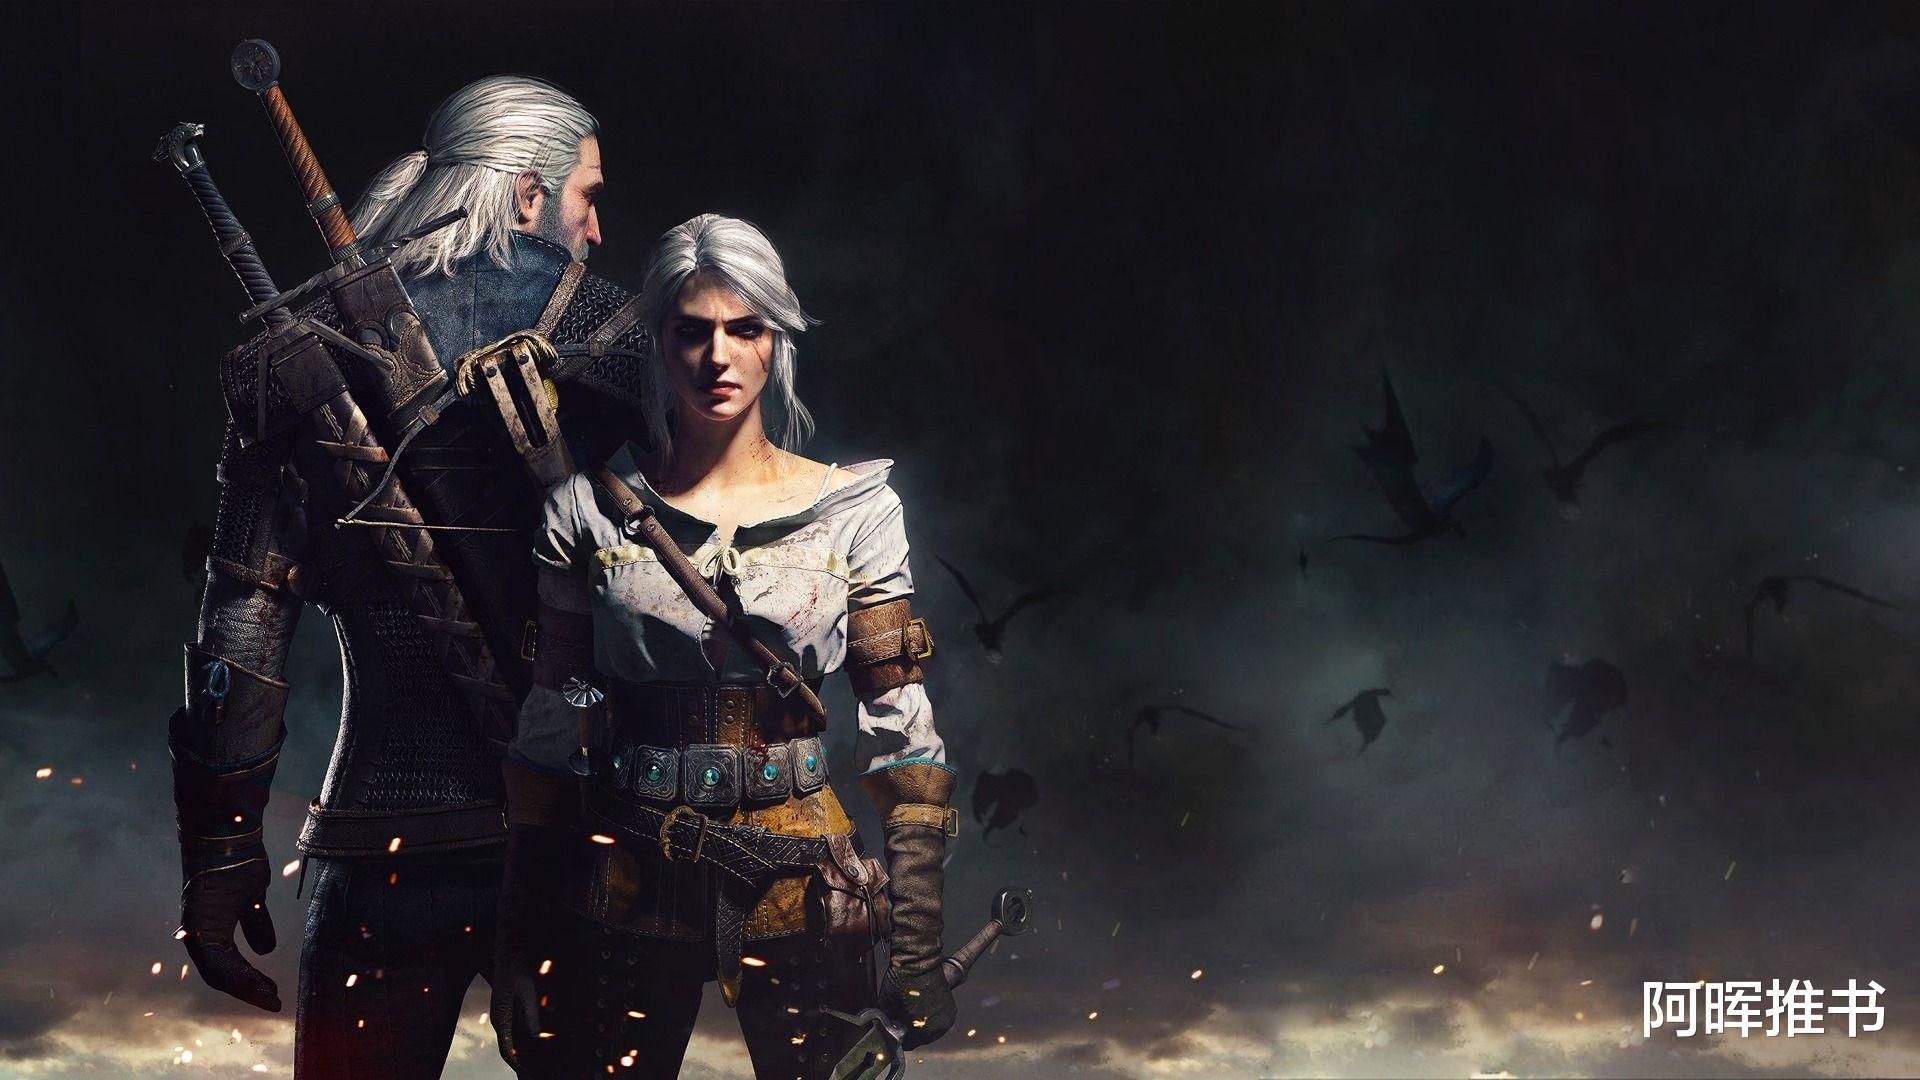 2本游戏同人小说分享,一本英雄联盟同人,一本巫师同人